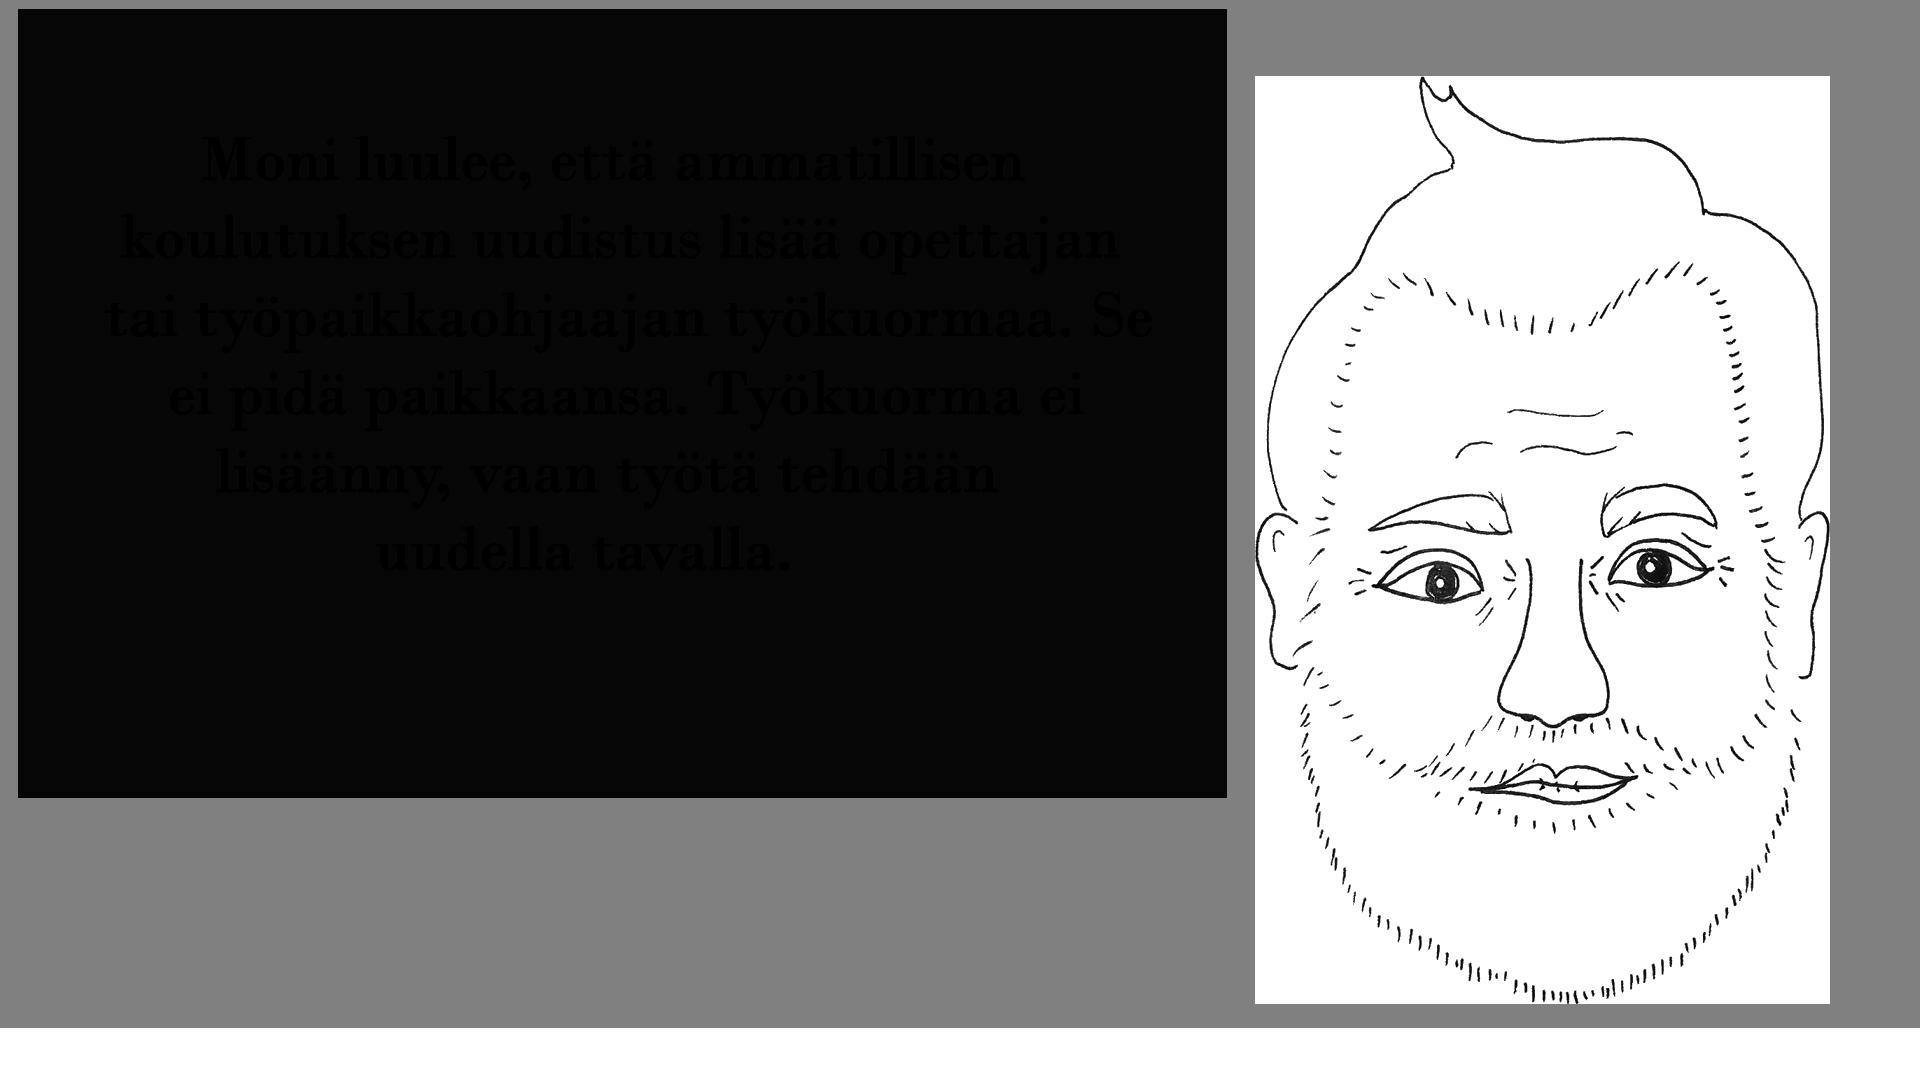 Piirretty kuva partasuisesta miehestä, joka sanoo: Moni luulee, että ammatillisen koulutuksen uudistus lisää opettajan tai työpaikkaohjaajan työkuormaa. Se ei pidä paikkaansa. Työkuorma ei lisäänny, vaan työtä tehdään uudella tavalla.